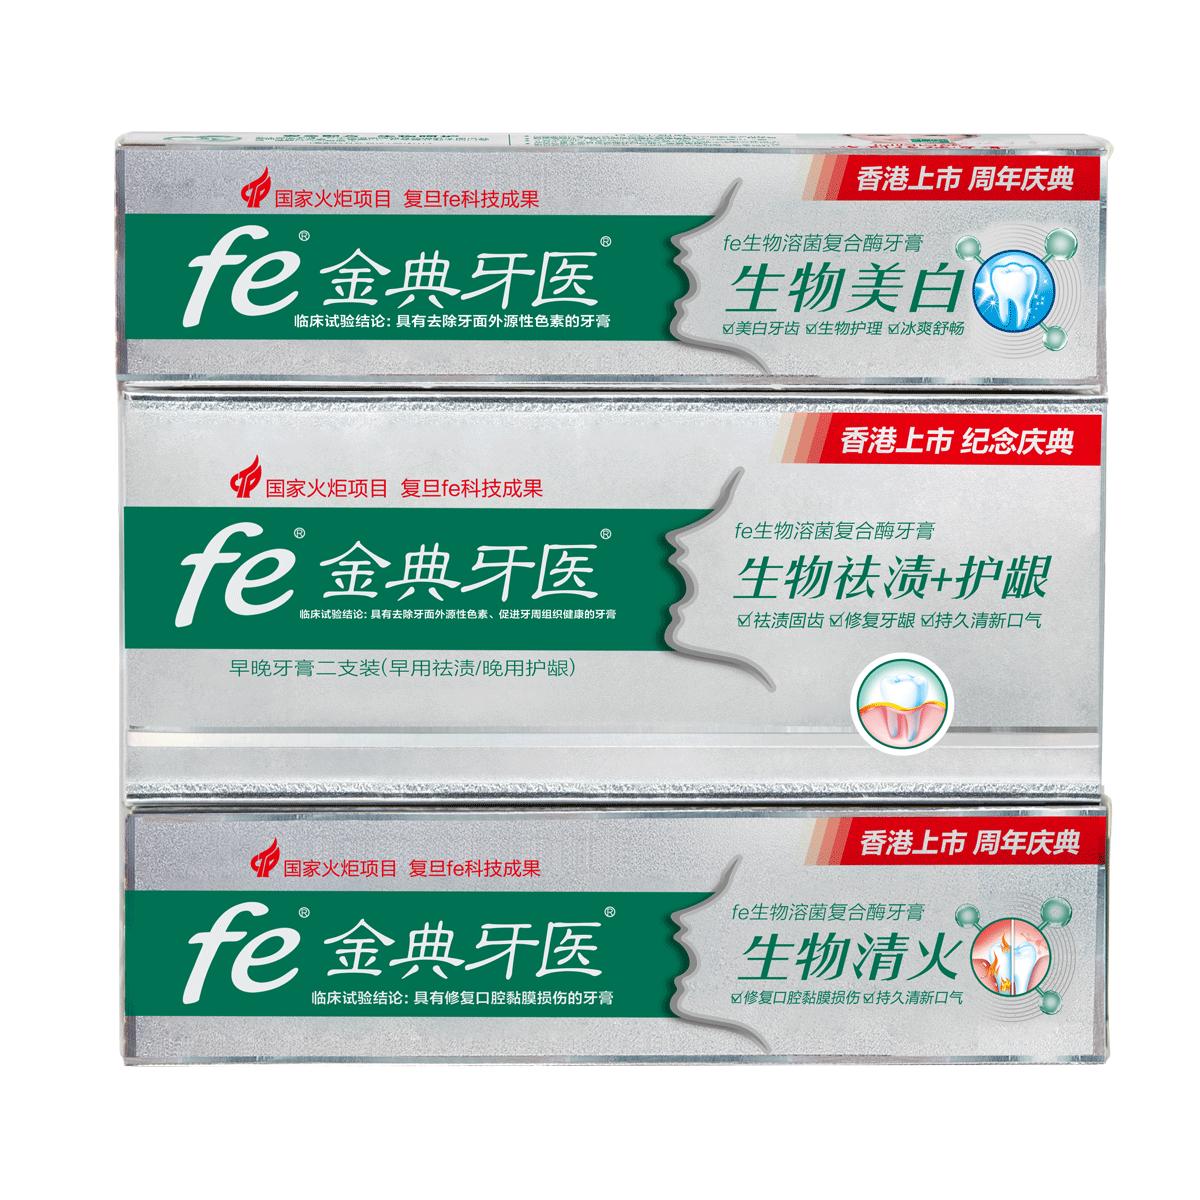 【復旦大學研制】fe金典 牙醫紀念版生物牙膏4支套裝   39元包郵(119-80元券)